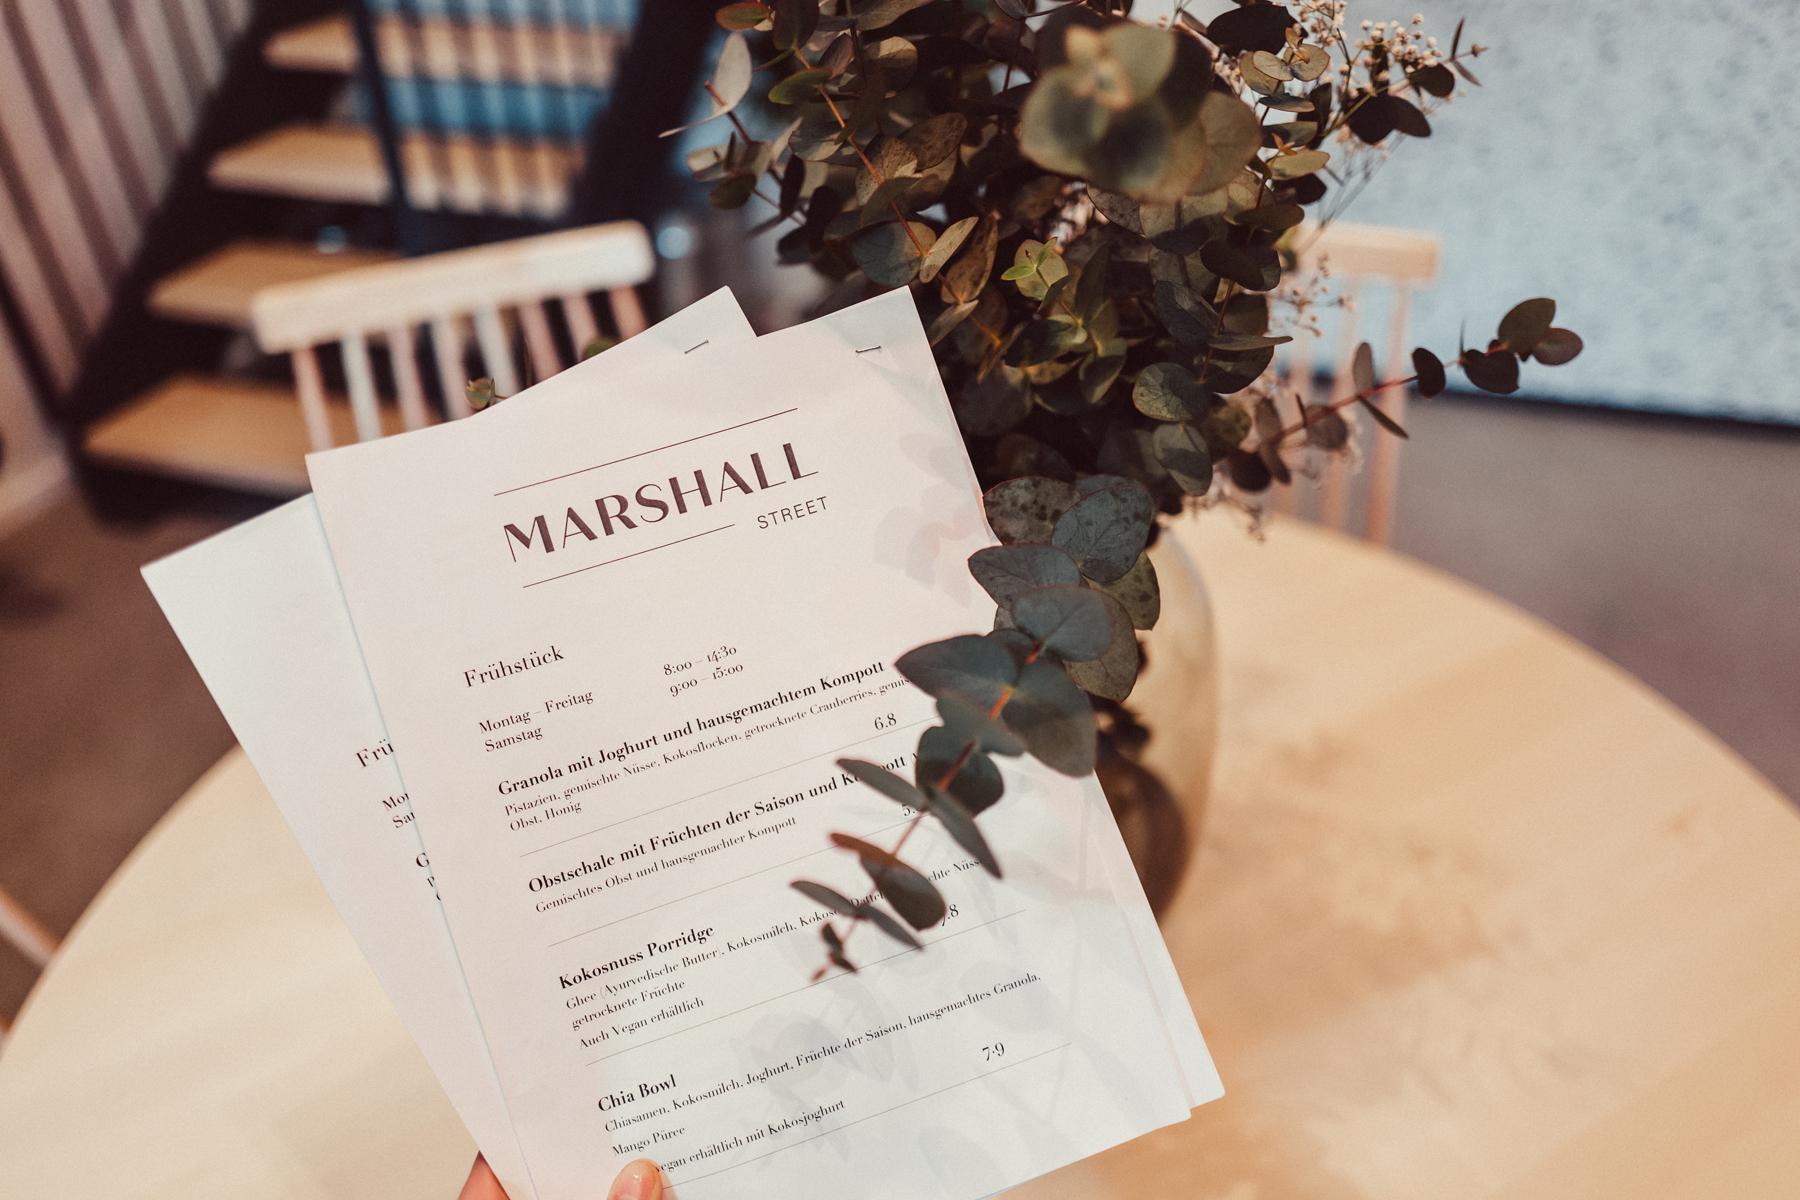 Marshall Street Coffee Speisekarte